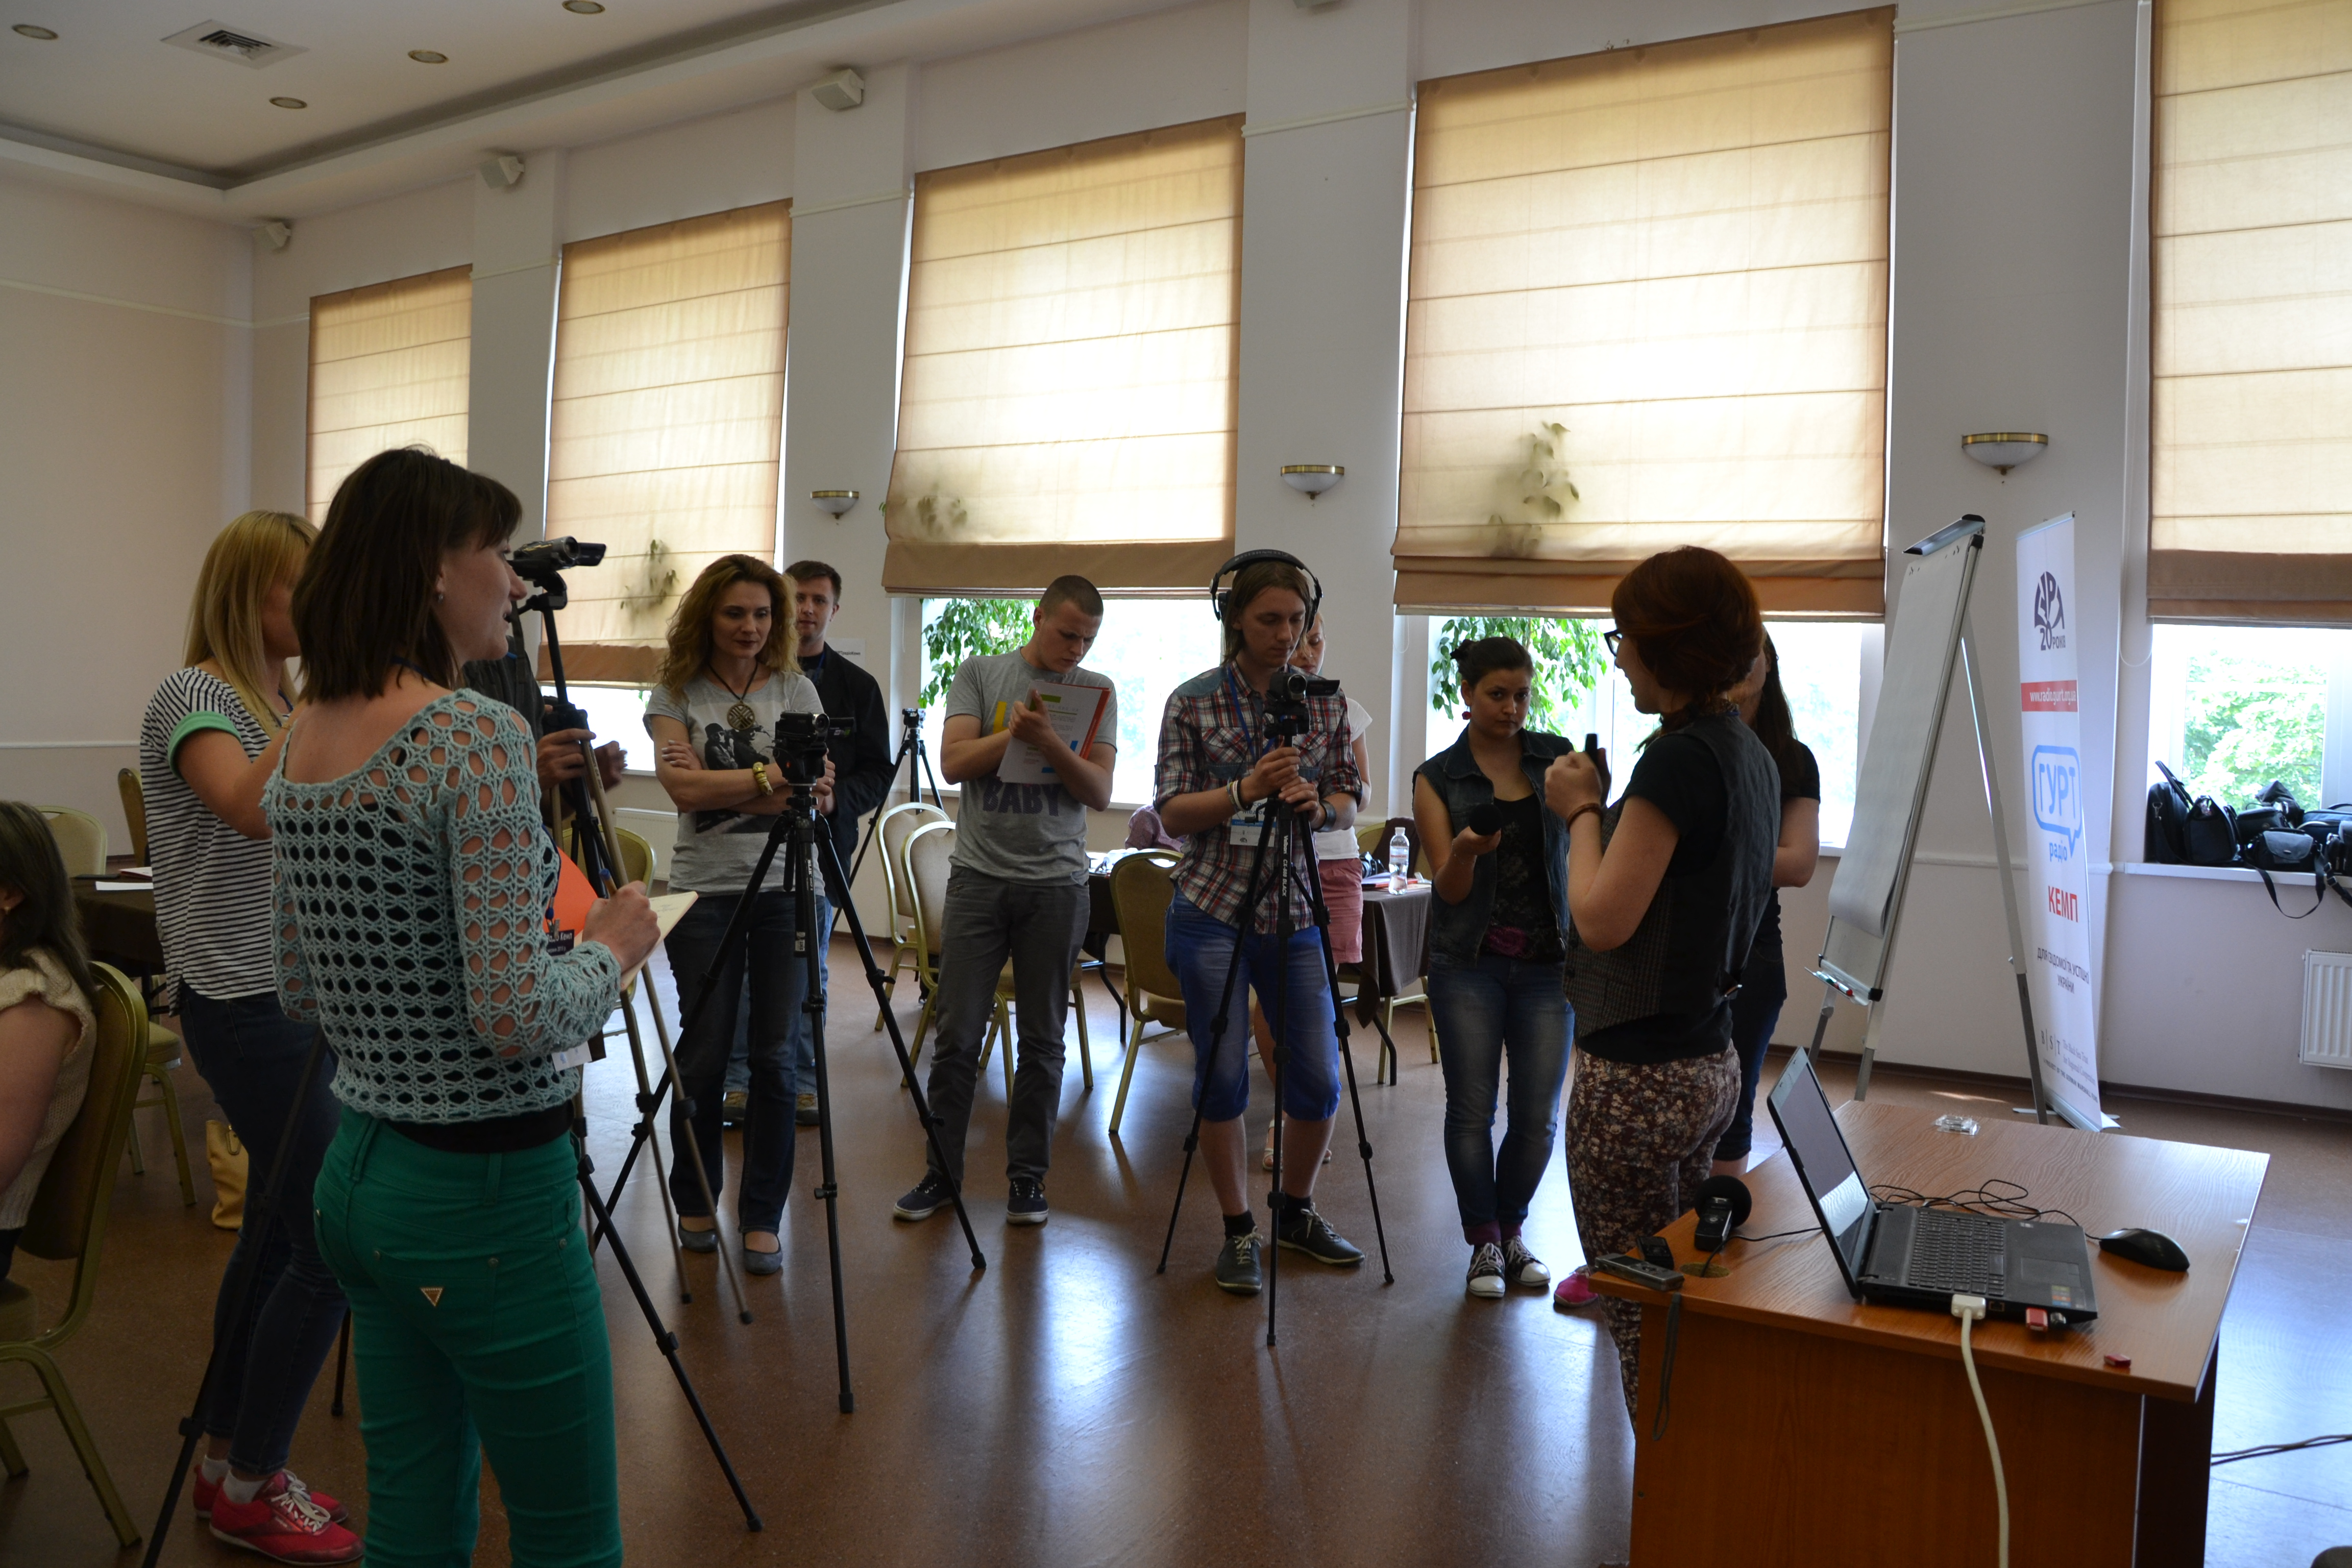 ГУРТ Радіо Кемп: суспільна журналістика